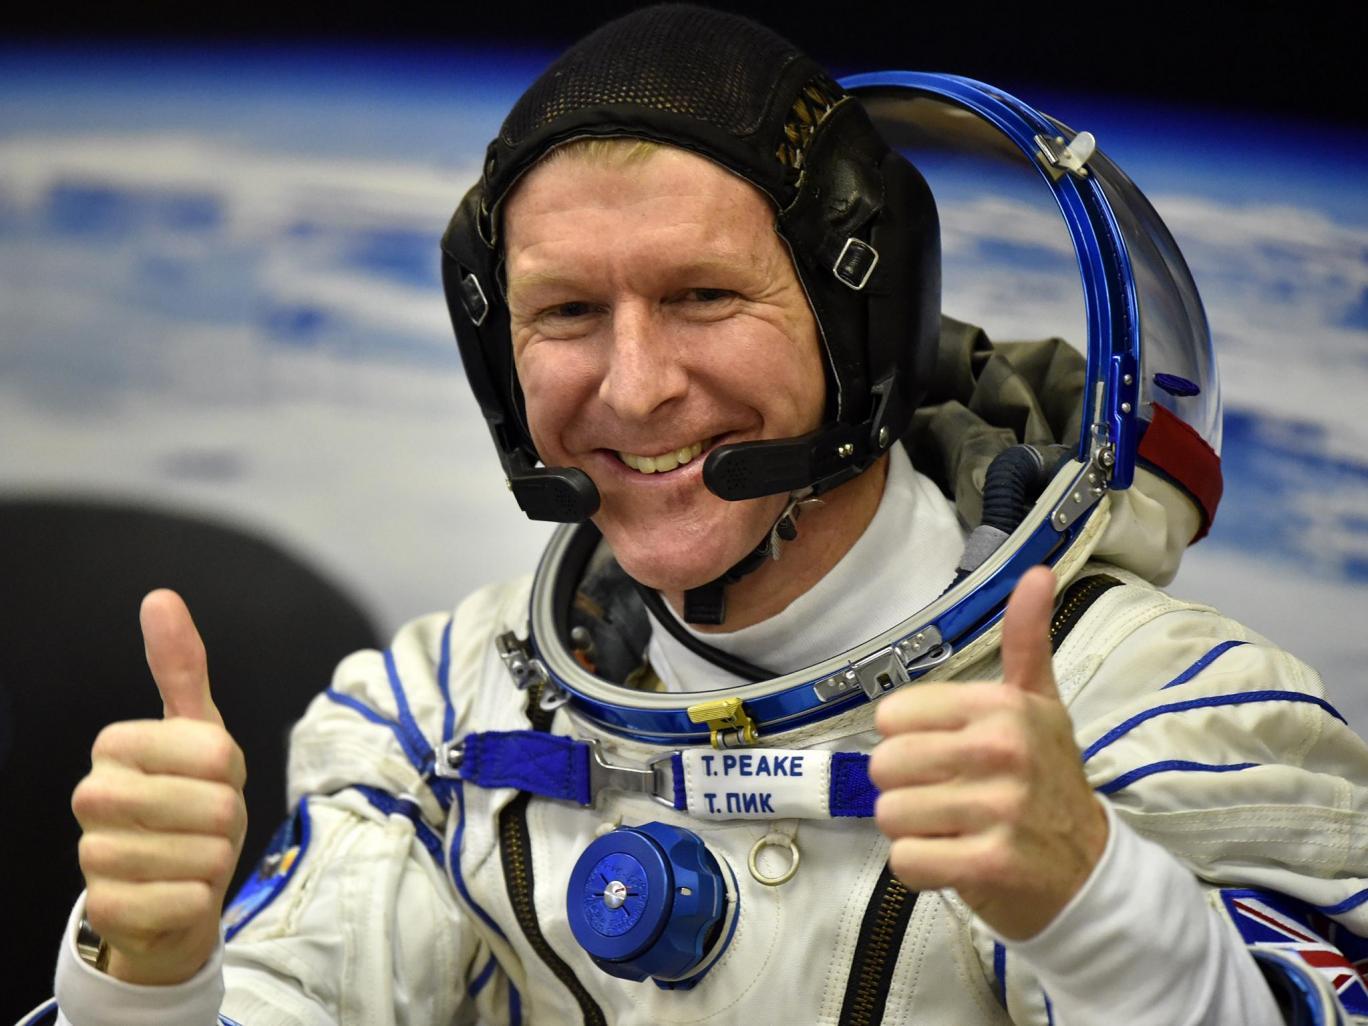 Астронавты программы «Аполлон» чаще коллег страдают заболеваниями сердечно-сосудистой системы